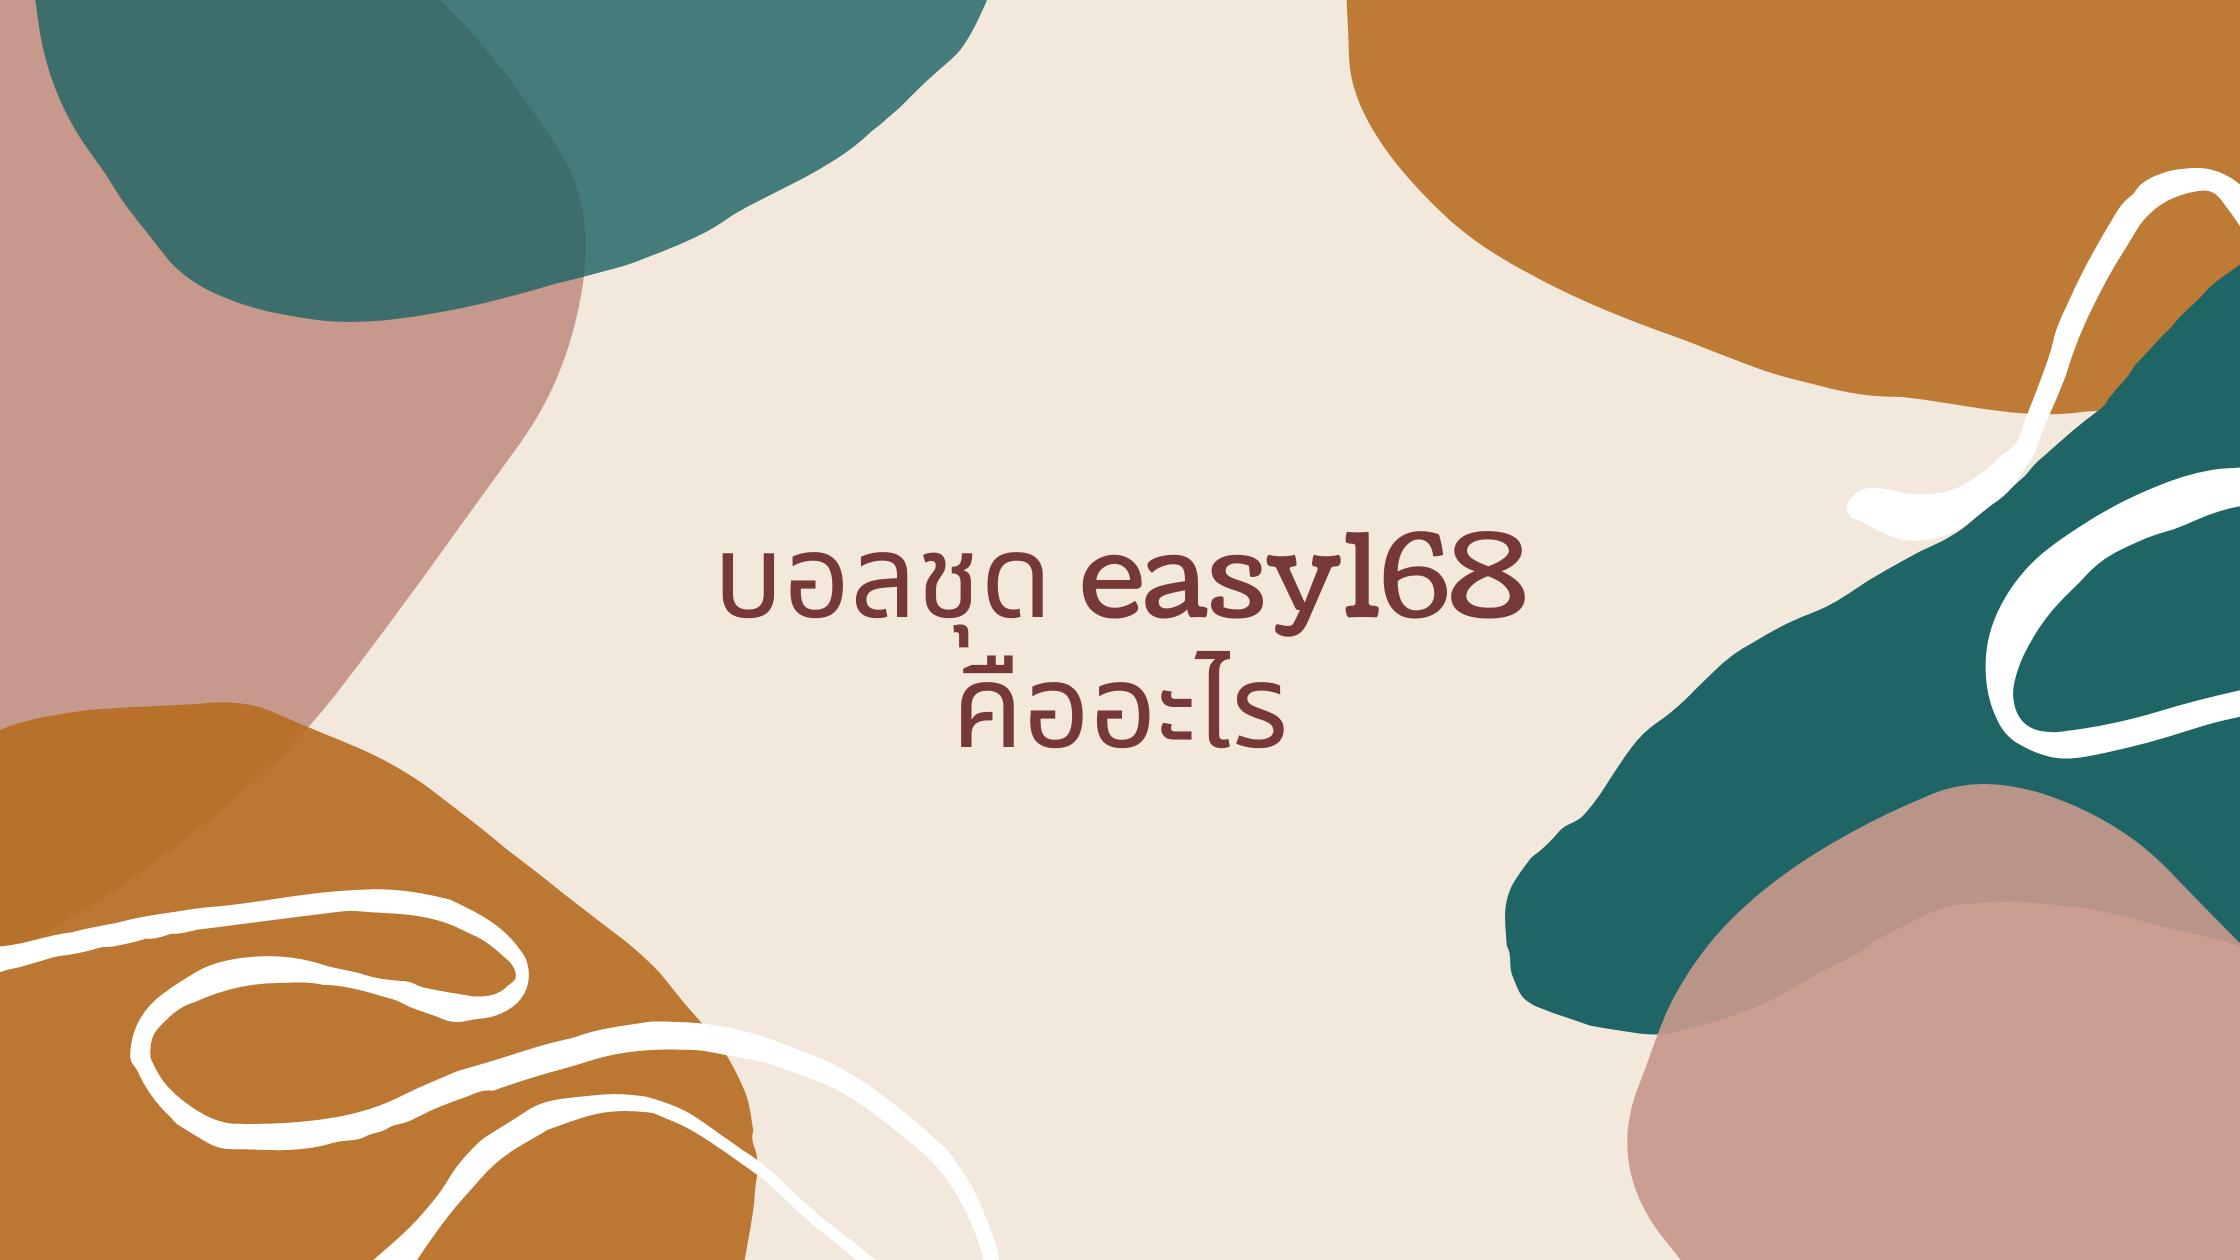 บอลชุด easy168 คืออะไร